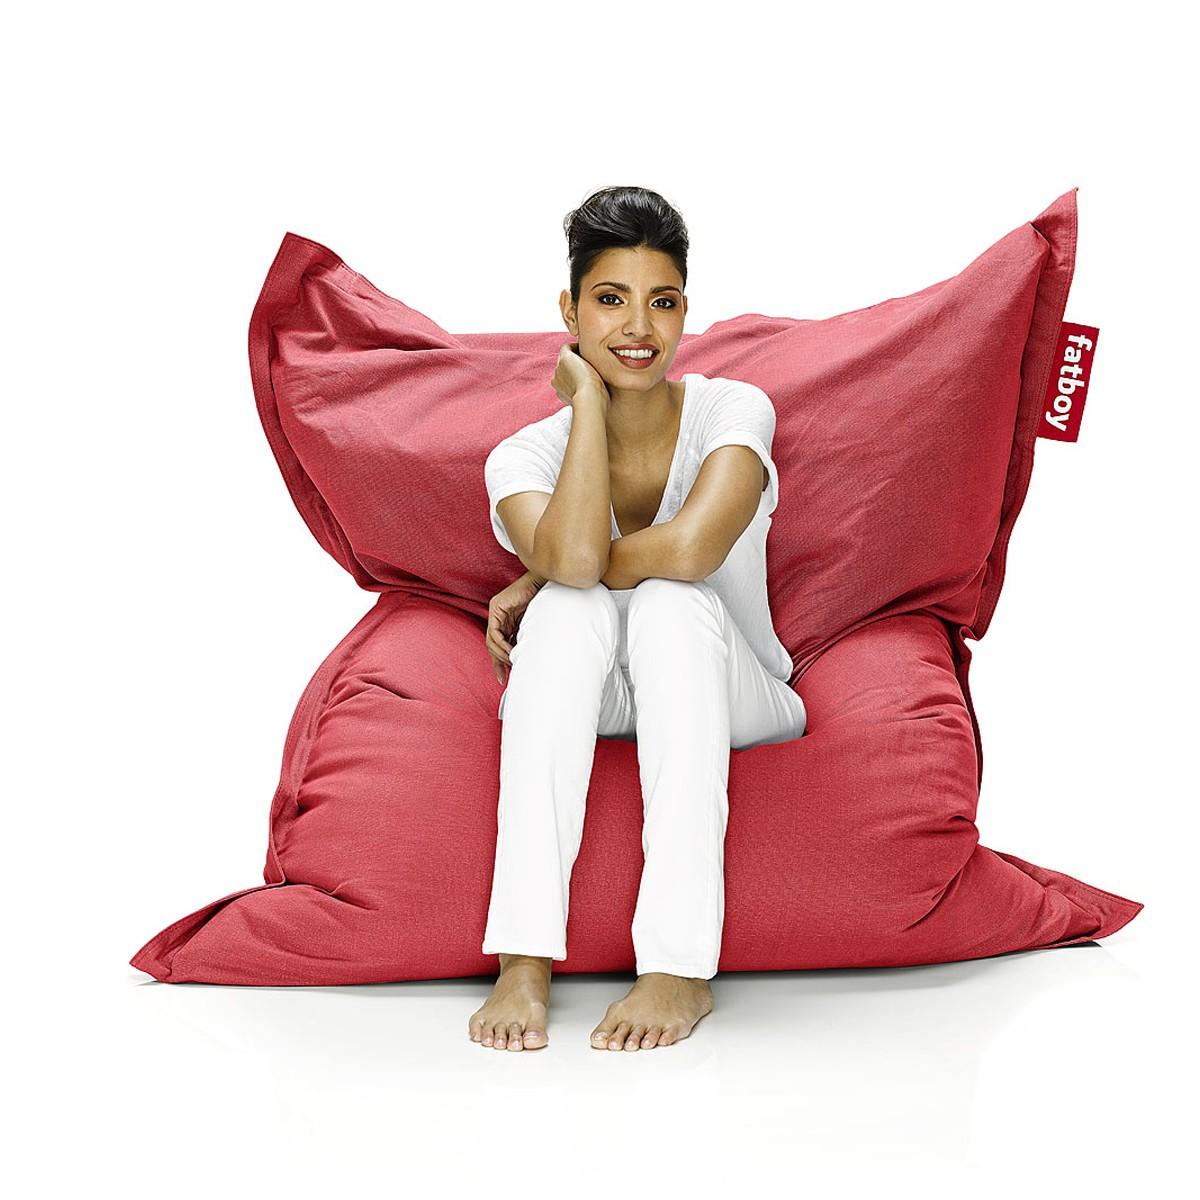 fatboy original stonewashed meubelen tilt de keizer. Black Bedroom Furniture Sets. Home Design Ideas